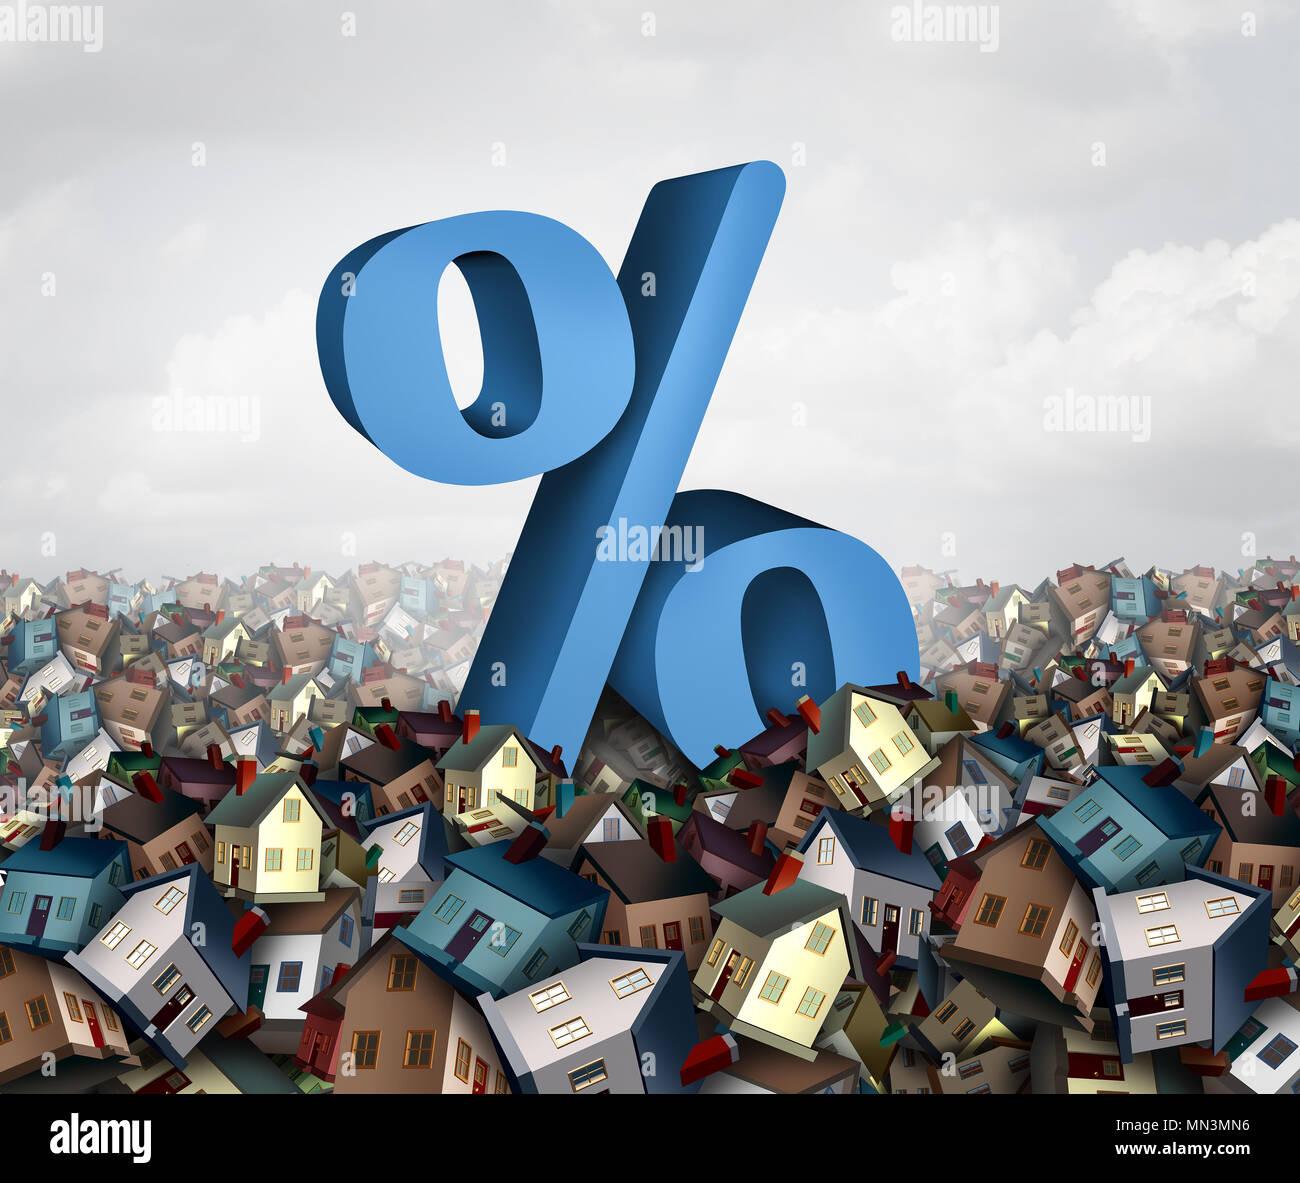 Home tassi di interesse e la bolla immobiliare il finanziamento come un segno di percentuale in una marea di case come un alloggiamento bancario prestito concetto come 3D'illustrazione. Immagini Stock